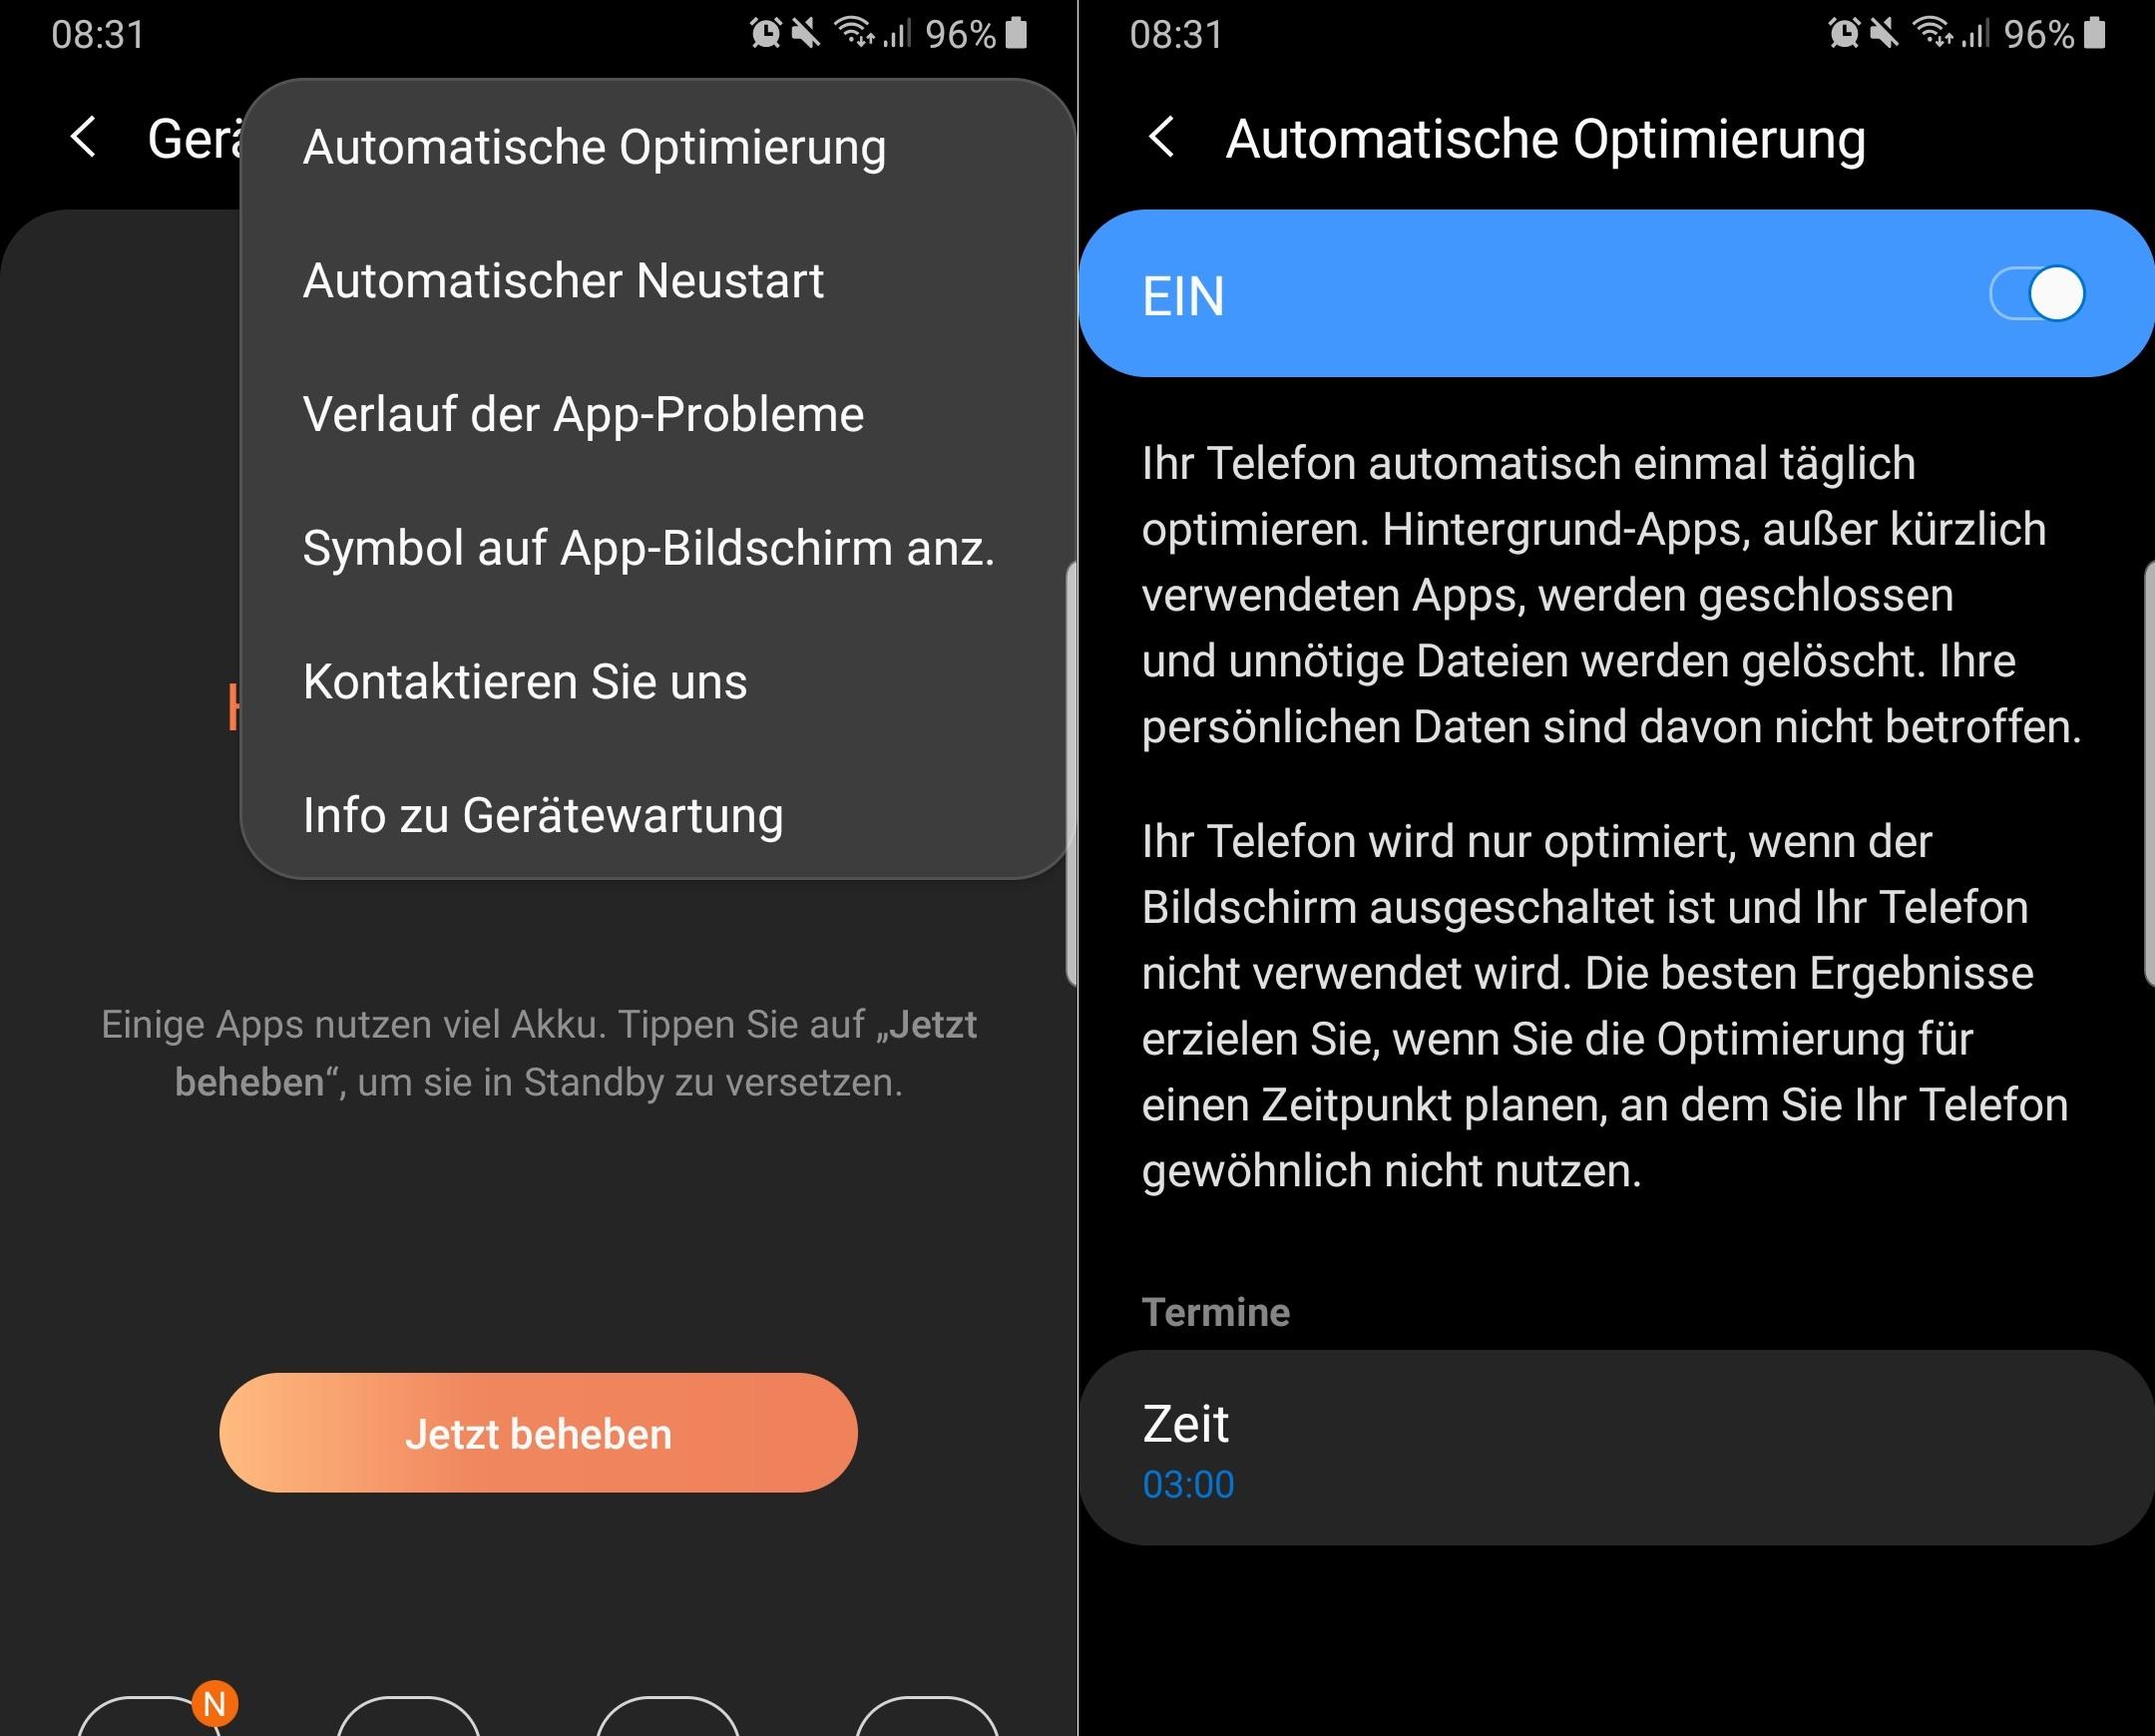 Samsung-Handys mit Android 9 Pie: Neue Funktion optimiert die Galaxy